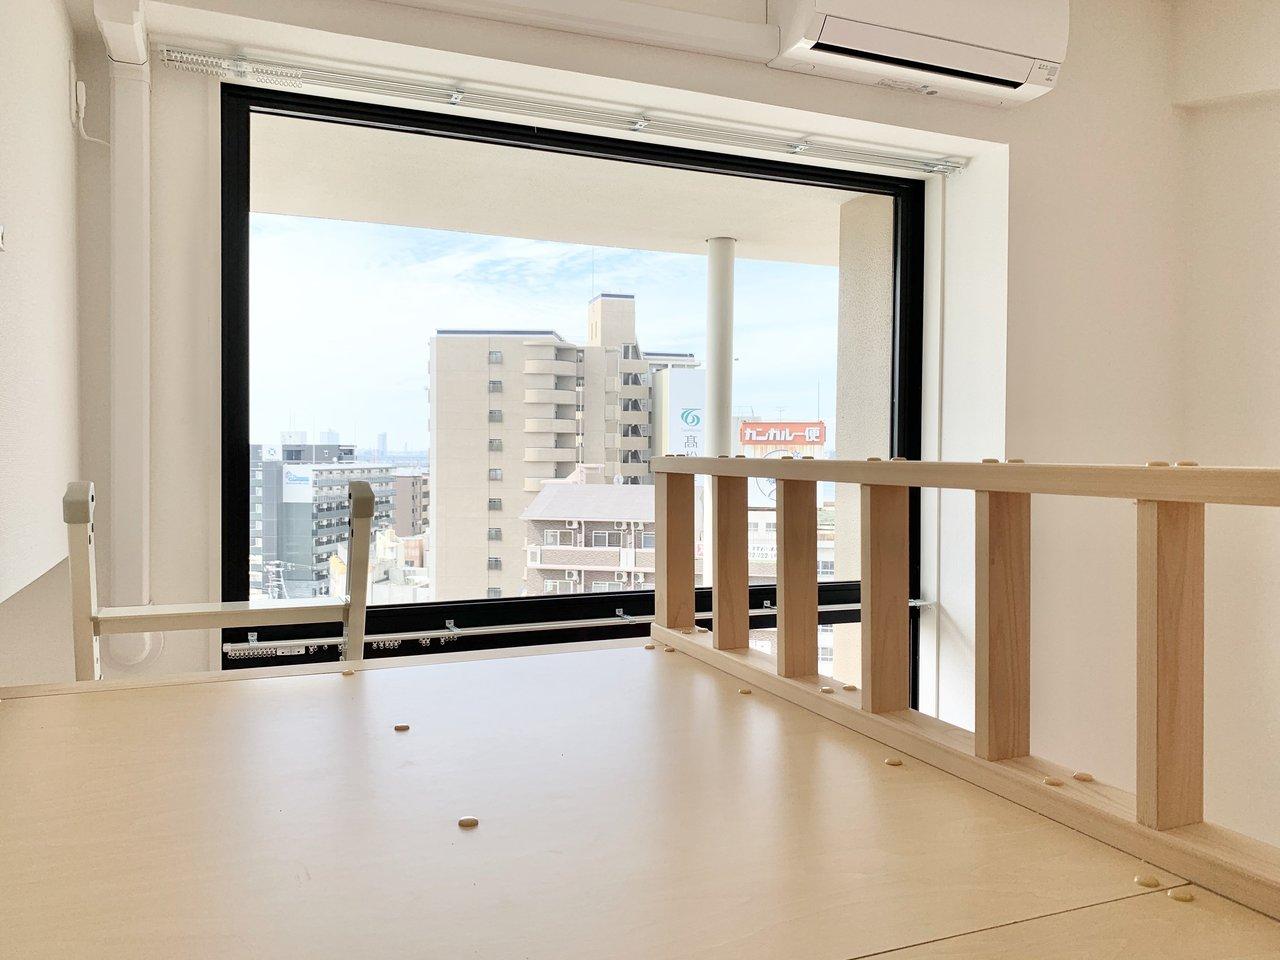 はしごを上がればロフトへと繋がっています。1階から続く大きな窓も見えて、天井も高く、とても開放的。マットレスを置いてそのまま寝室として使えます。